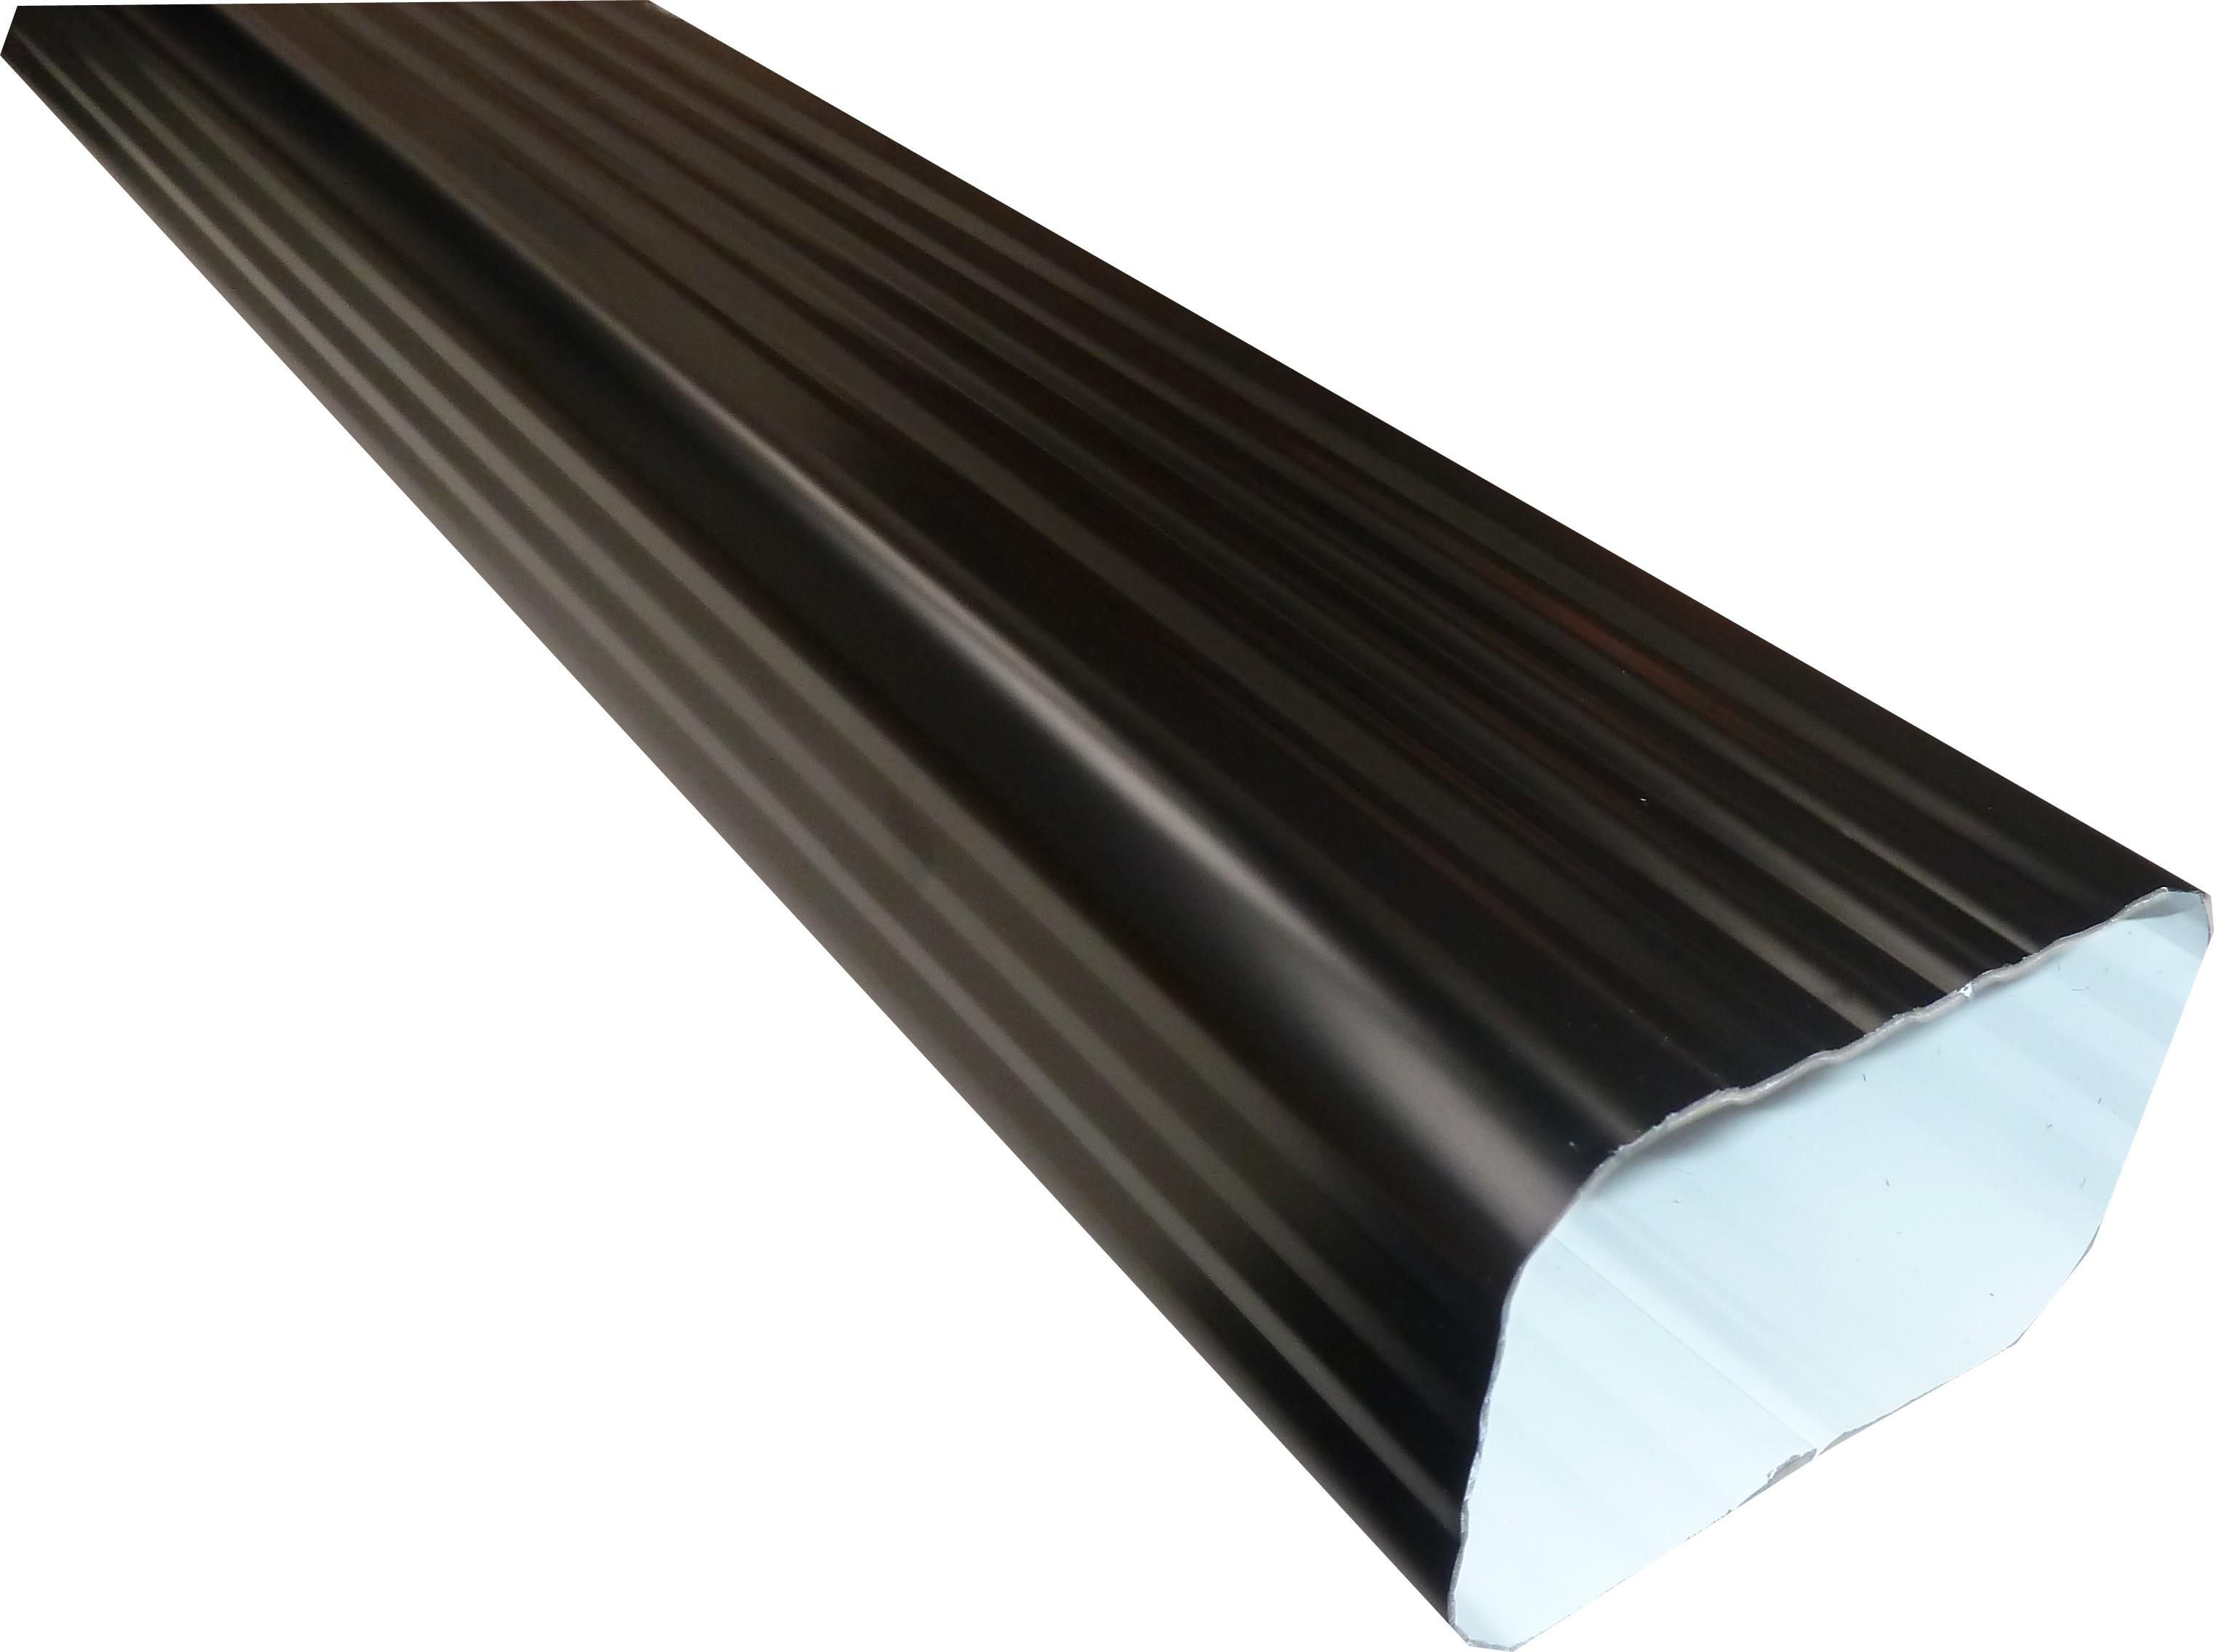 Gouttière Pvc En U tuyau de descente aluminium noir | gouttiere online